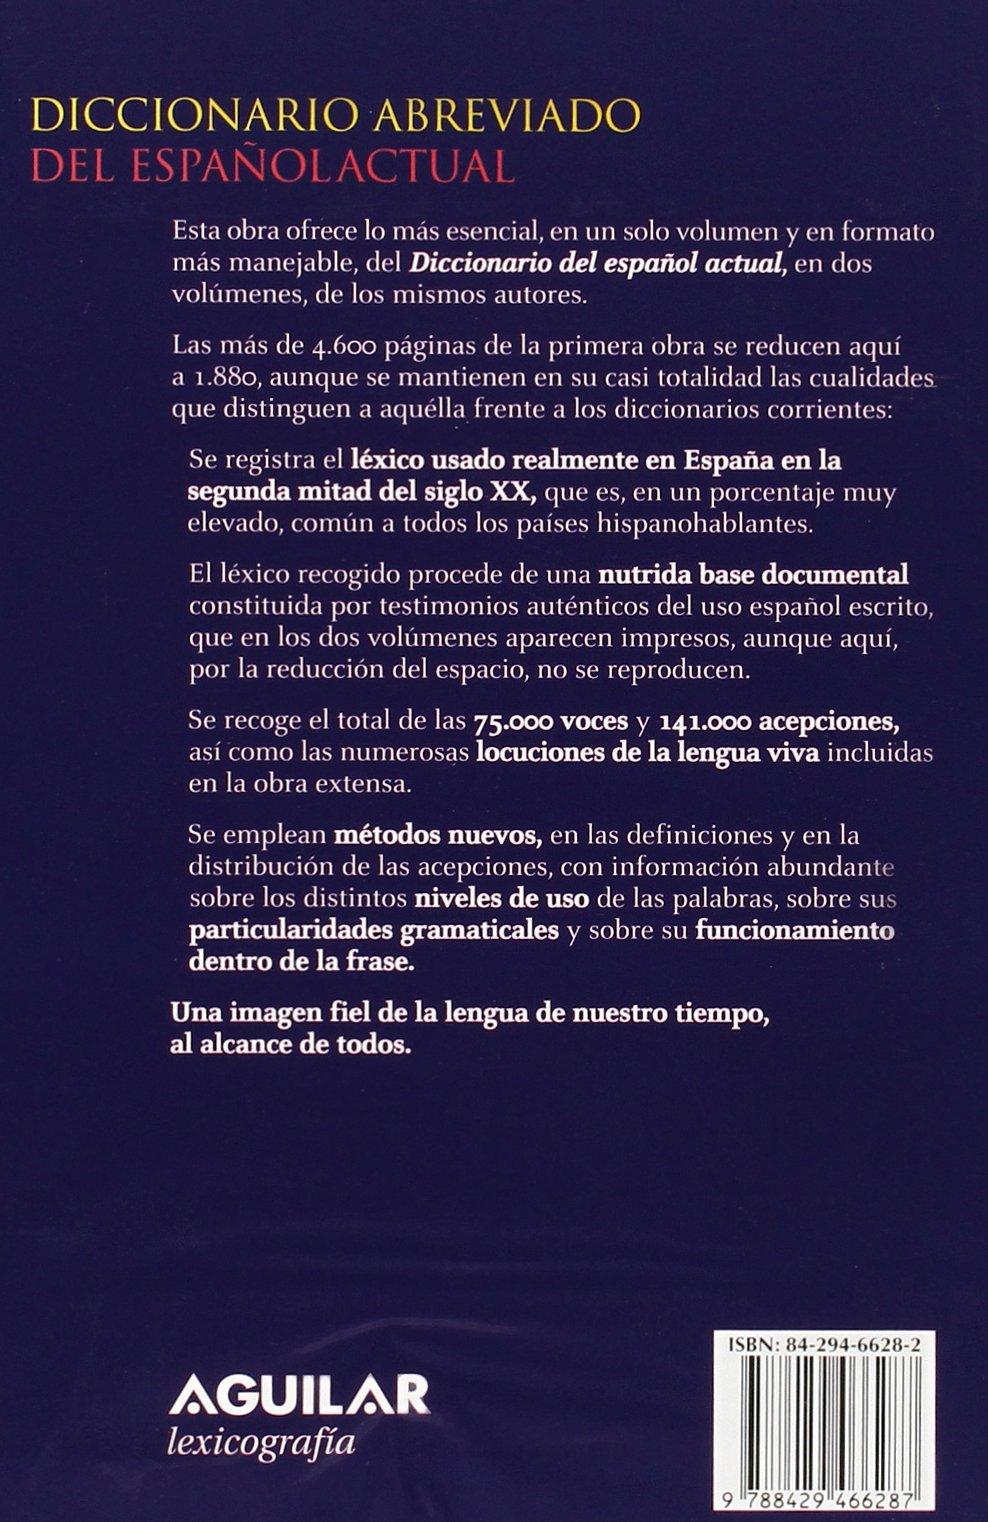 Diccionario abreviado del español actual DICCIONARIOS M. SECO: Amazon.es: Manuel Seco/Olimpia Andrés/Gabino Ramos: Libros